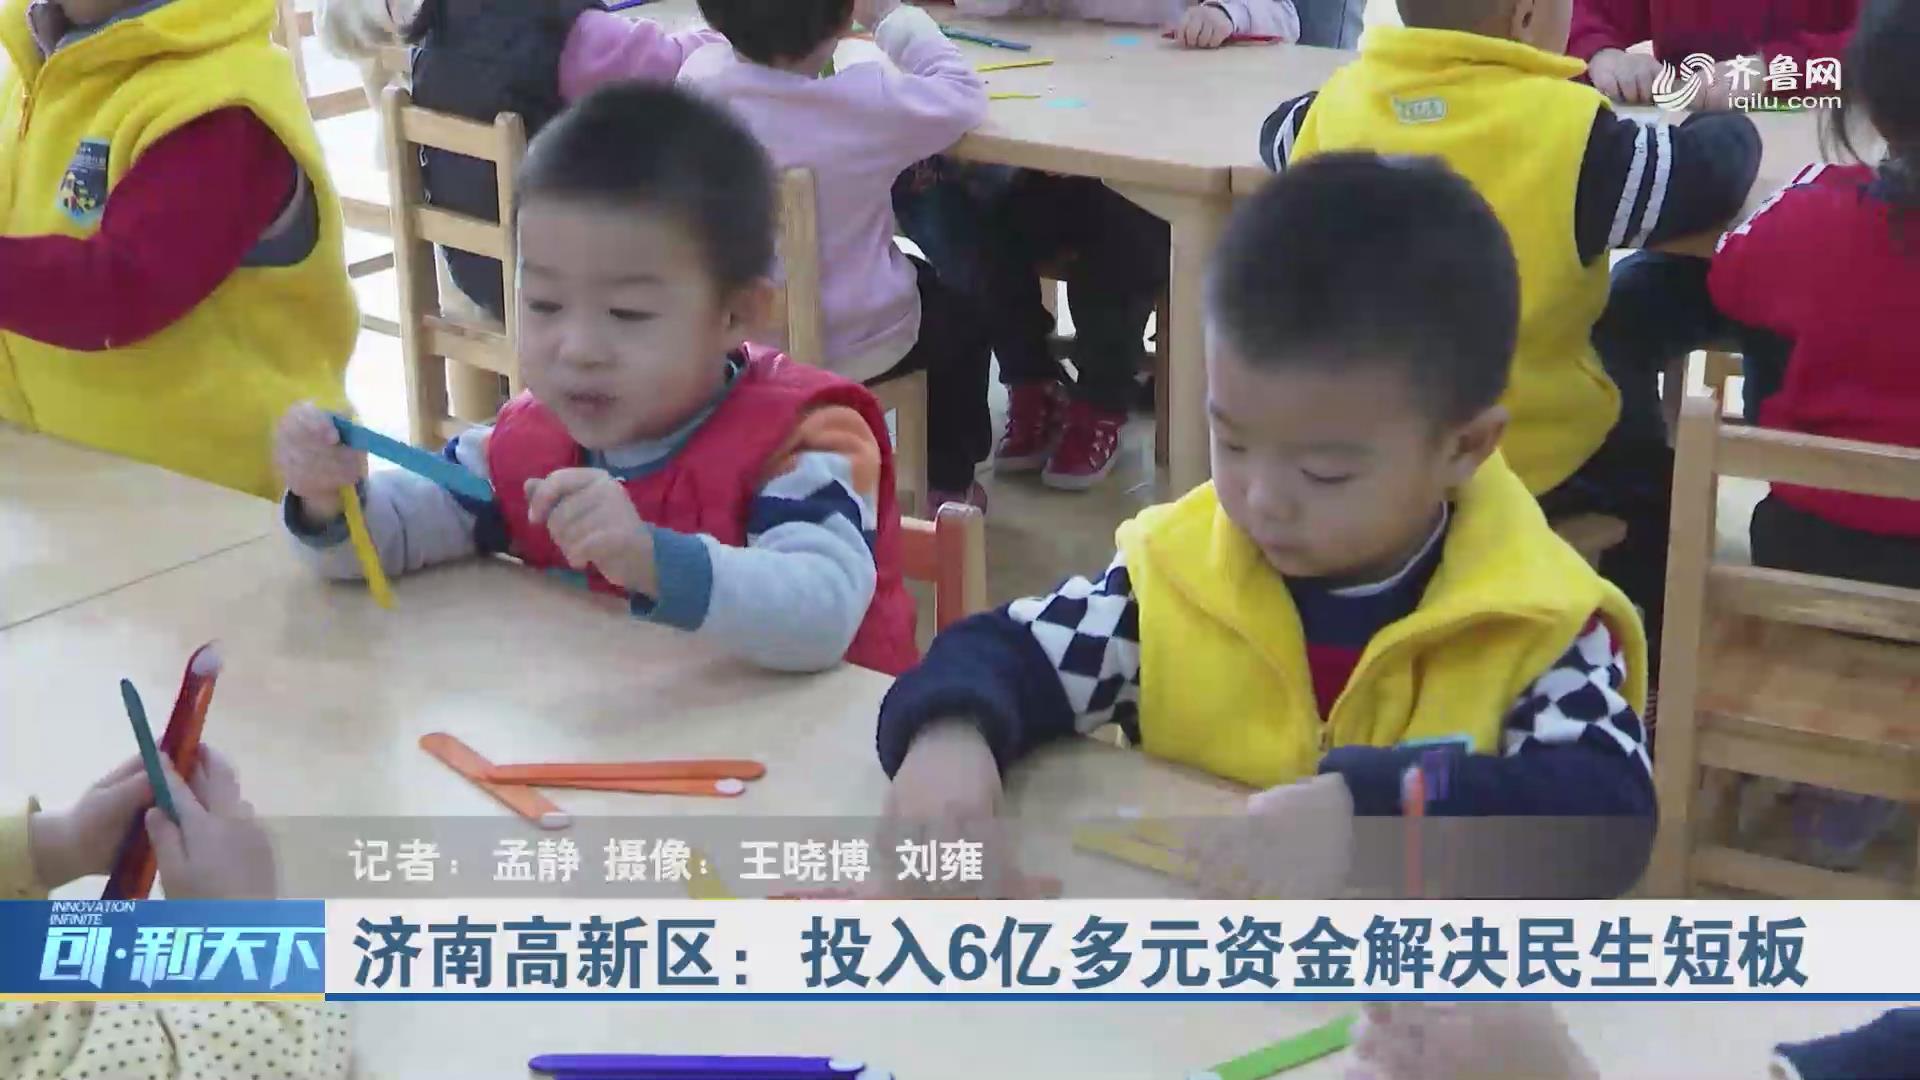 济南高新区:投入6亿多元资金解决民生短板